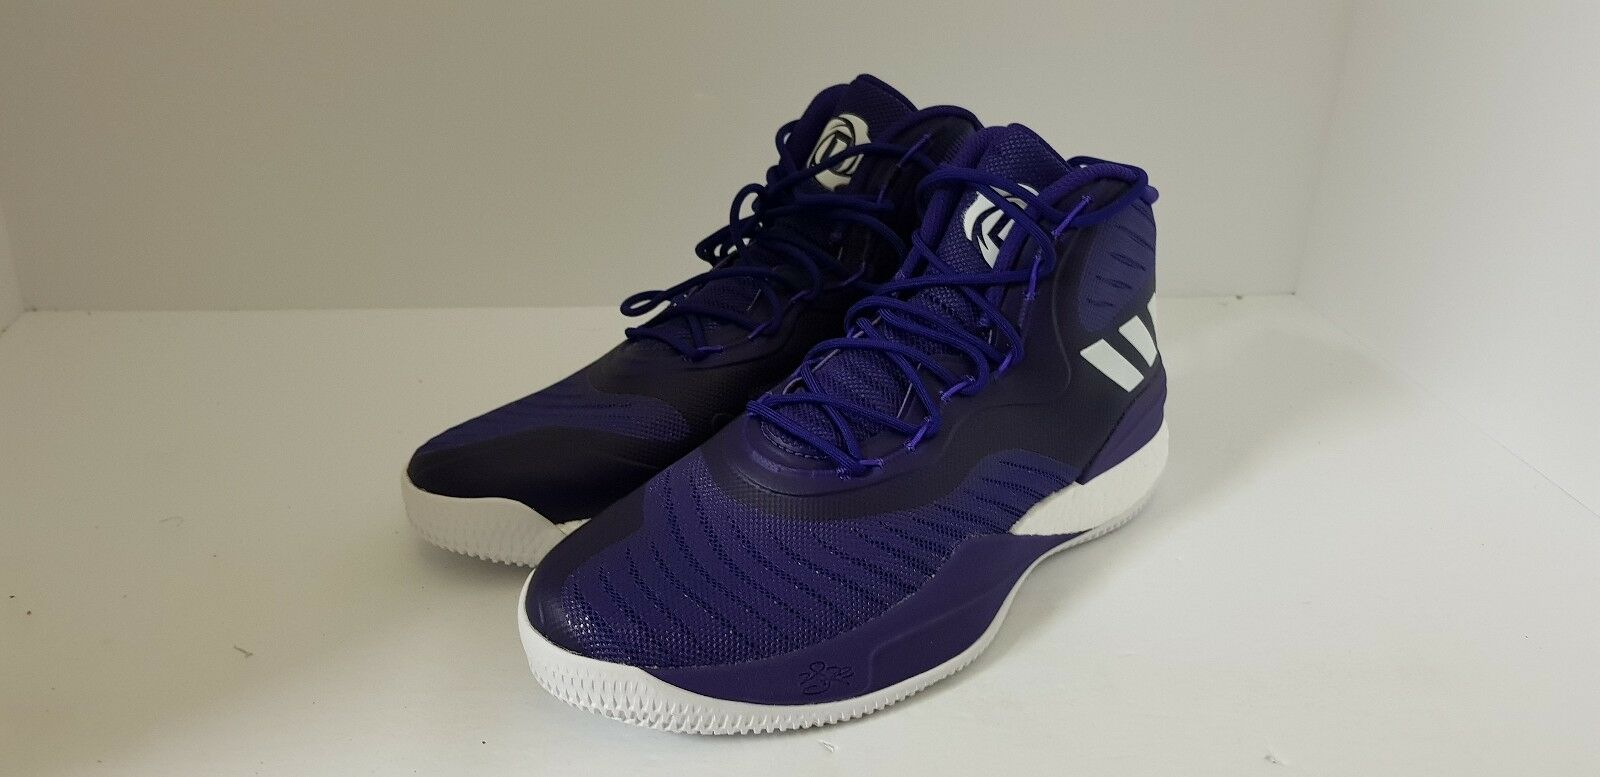 Adidas d rose 8 derrick rose schuhe männer - basketball - schuhe rose - Turnschuhe trainer holen. e27e89